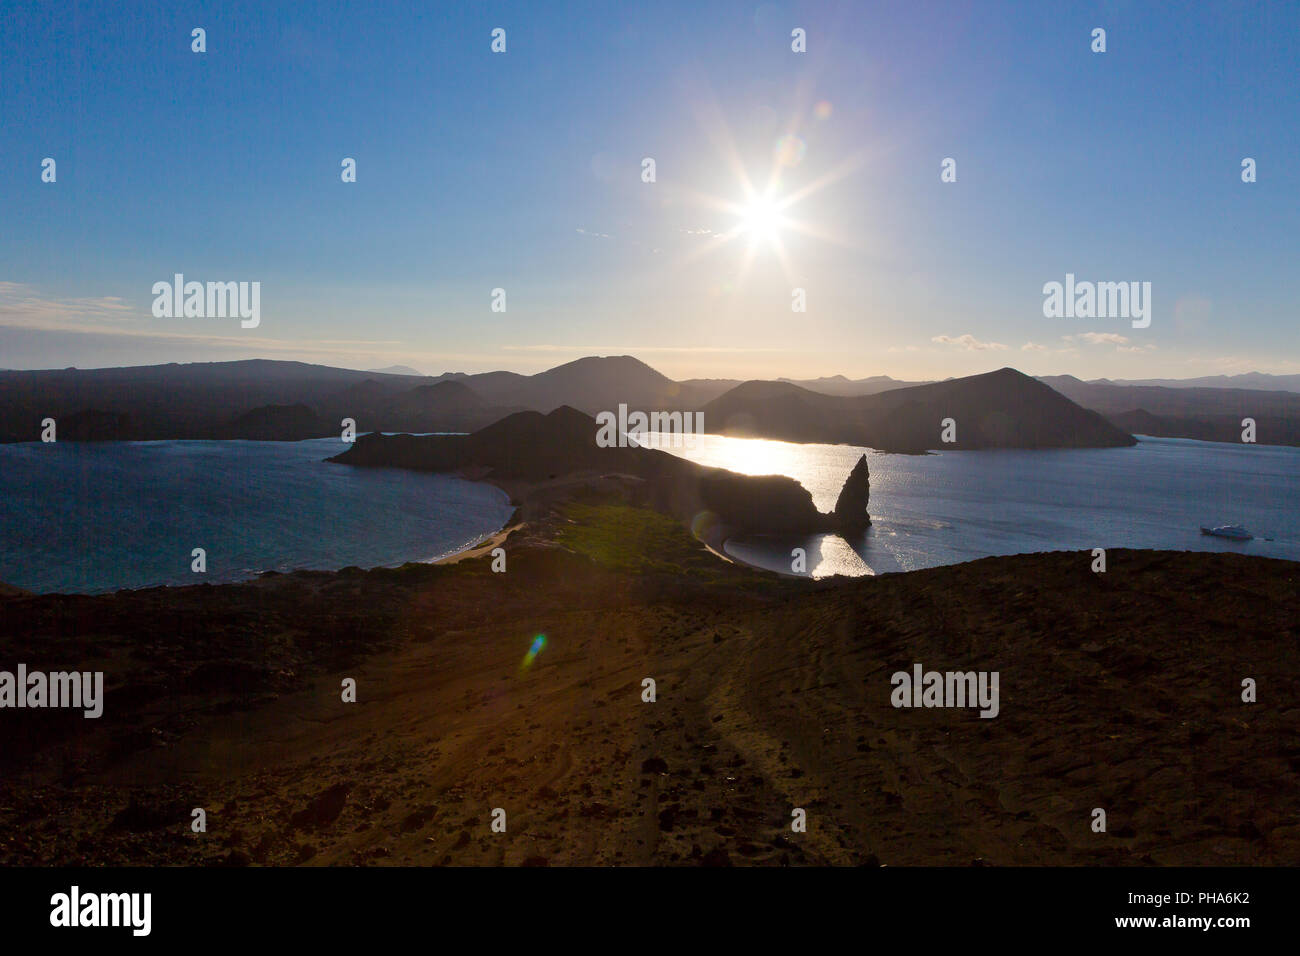 BARTOLOME ISLAND, VIEW OF PINNACLE ROCK, GALAPAGOS - Stock Image